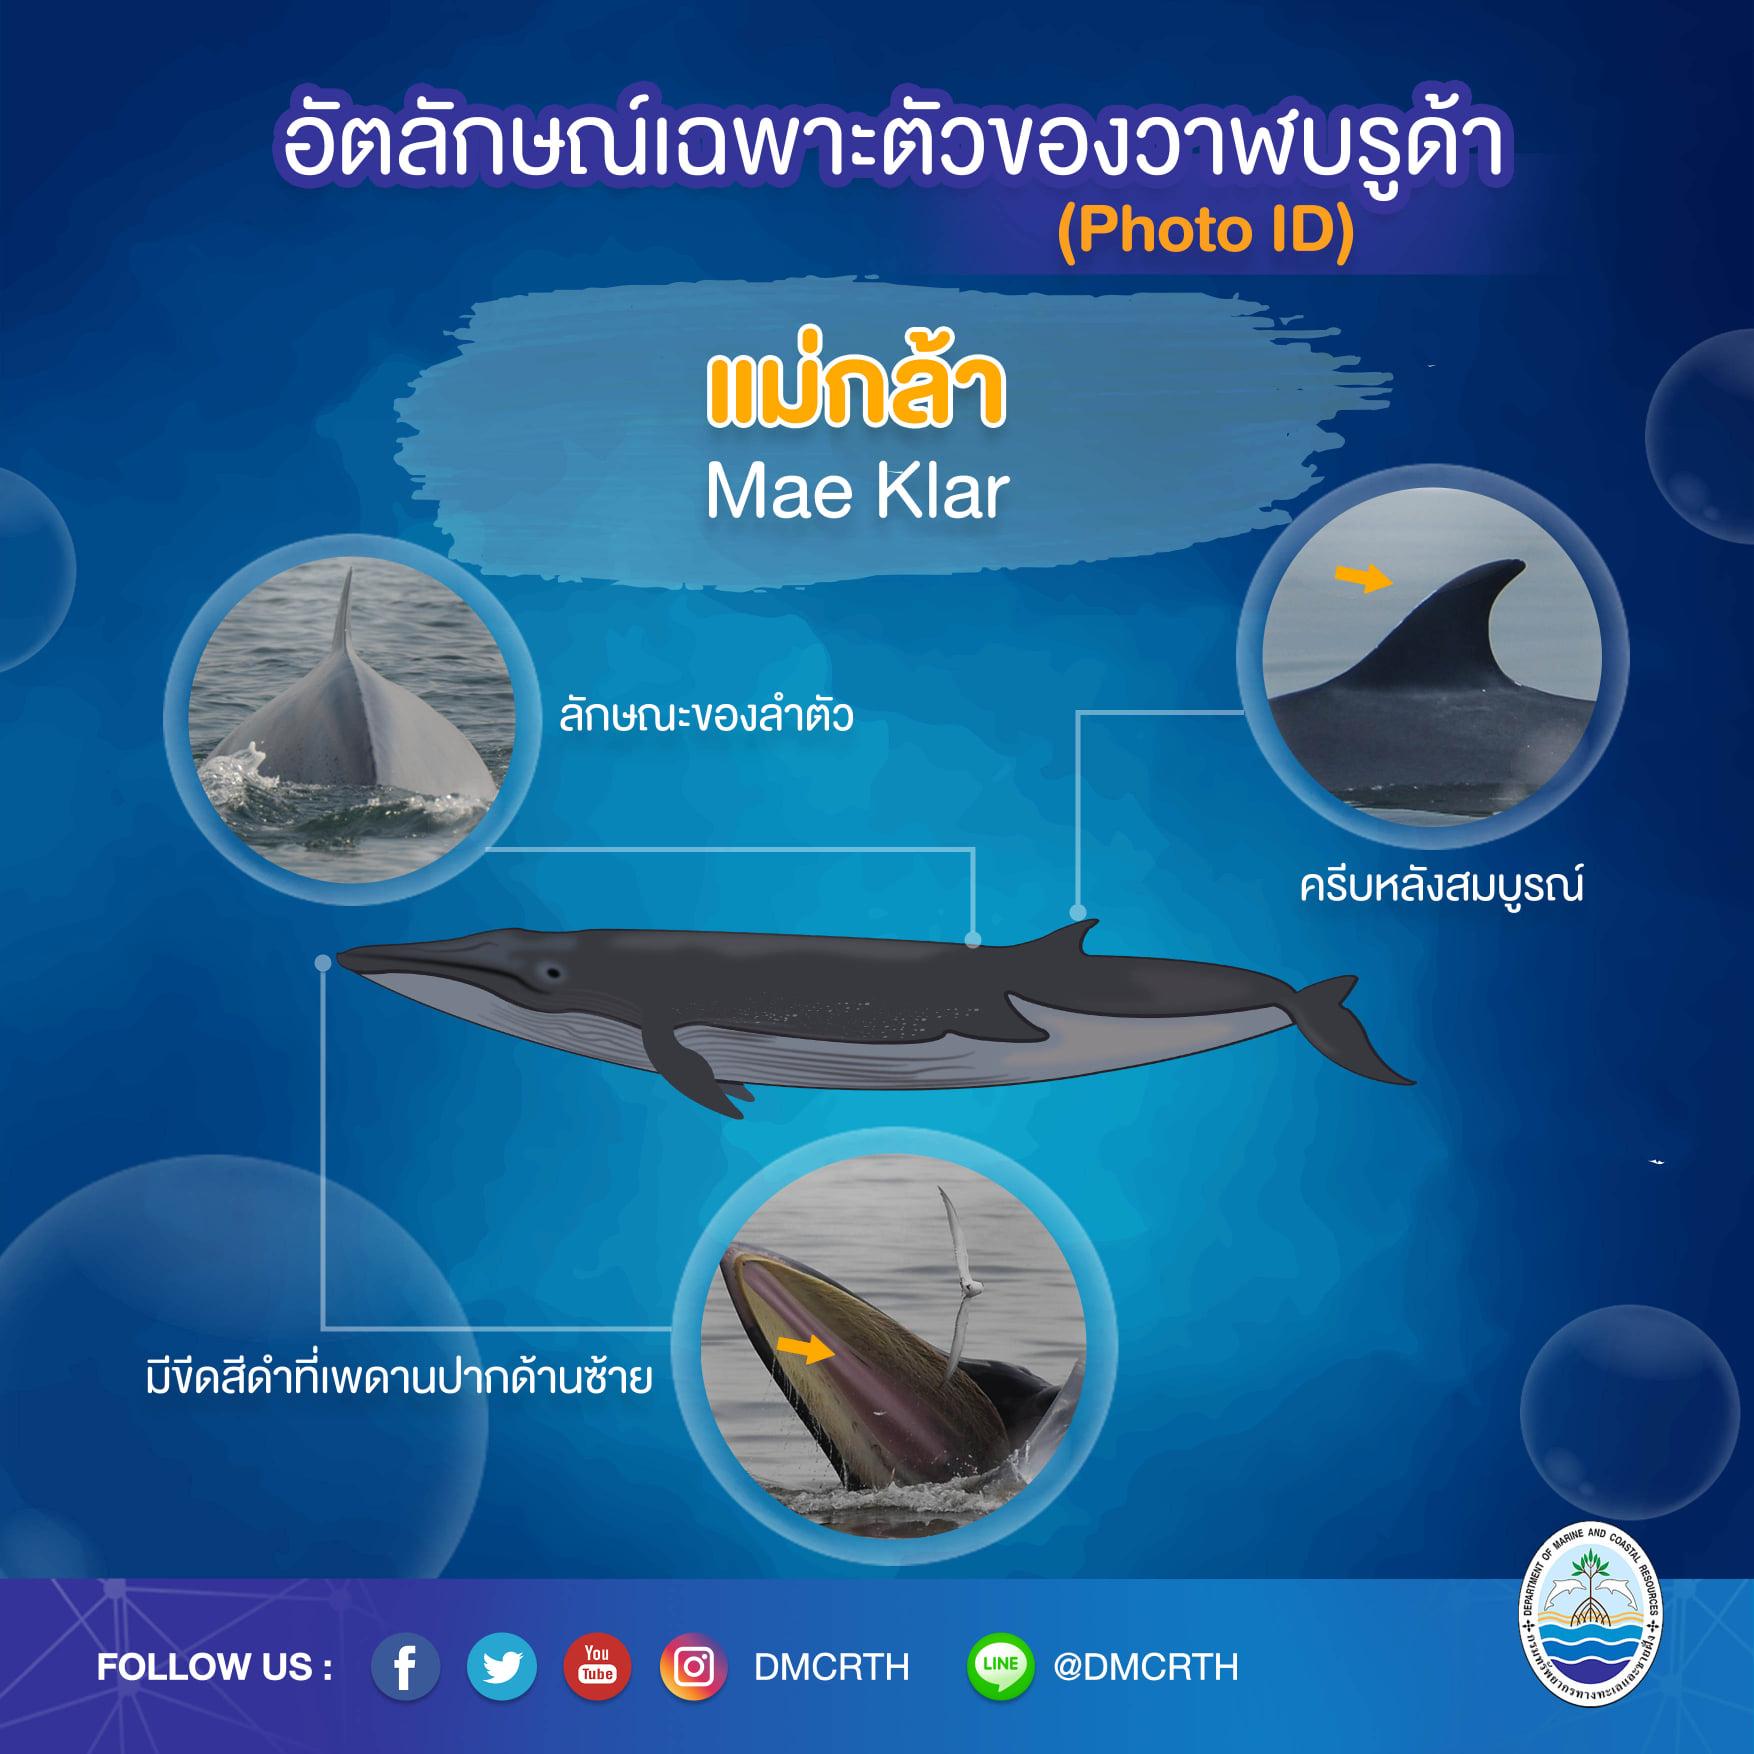 วันละวาฬ มารู้จัก ๖๐ วาฬบรูด้าในน่านน้ำไทย #๙ แม่กล้า